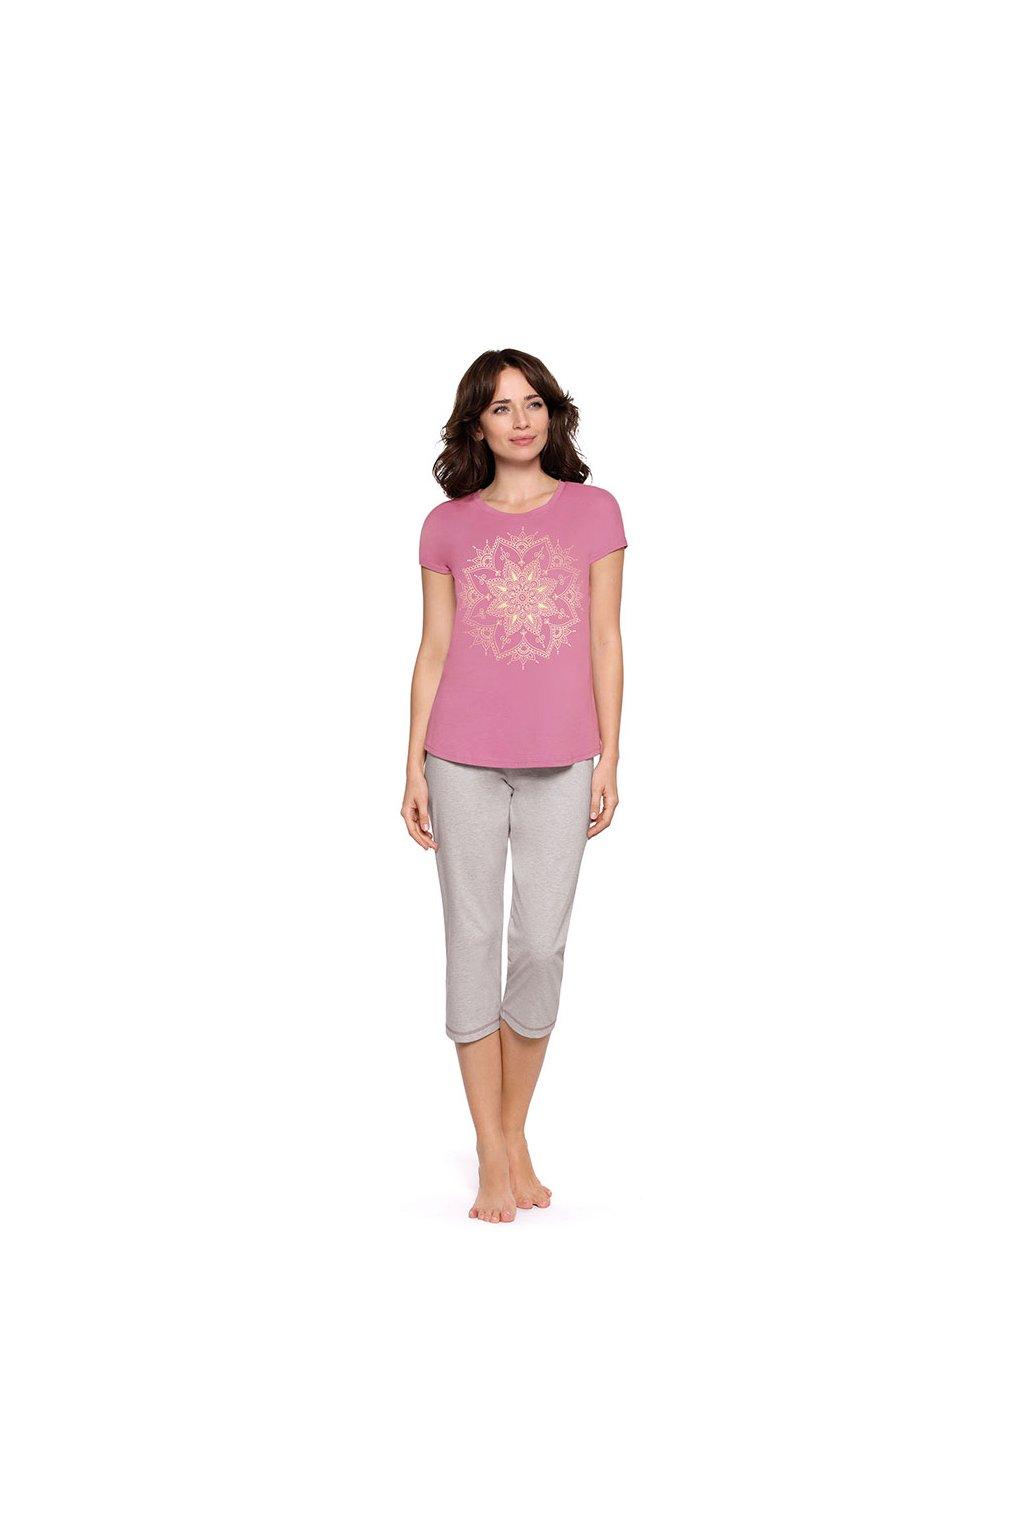 Dámské pyžamo s krátkým rukávem a 3/4 nohavicemi, 104470 414, růžová